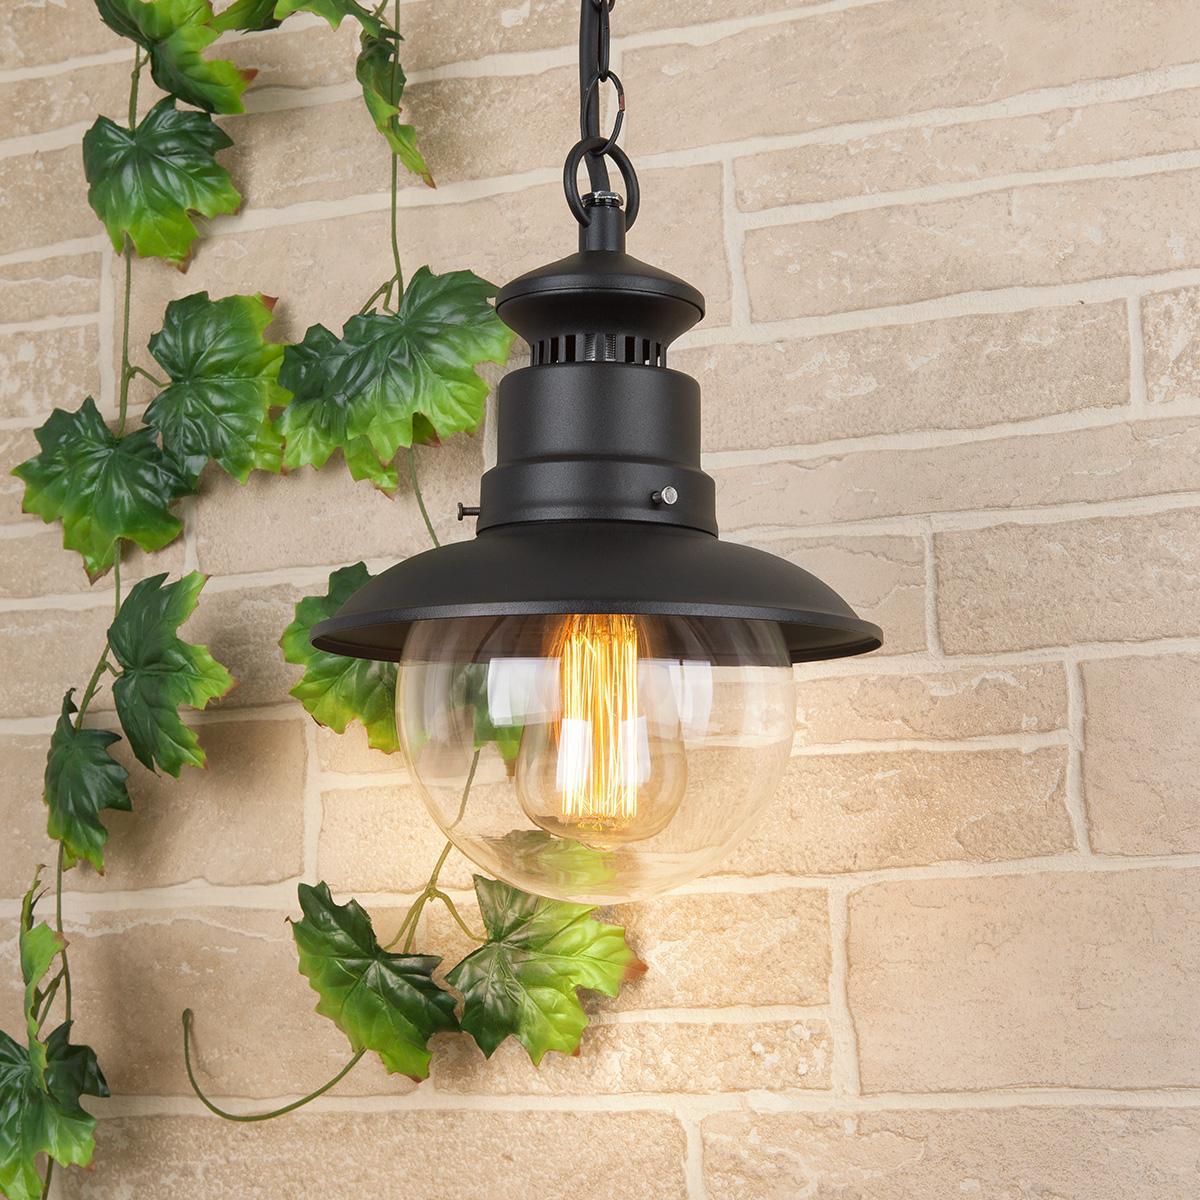 Уличный подвесной cветильник Elektrostandard Talli H GL 3002H черный 4690389106590 life in trend cветильник подвесной ship lantern